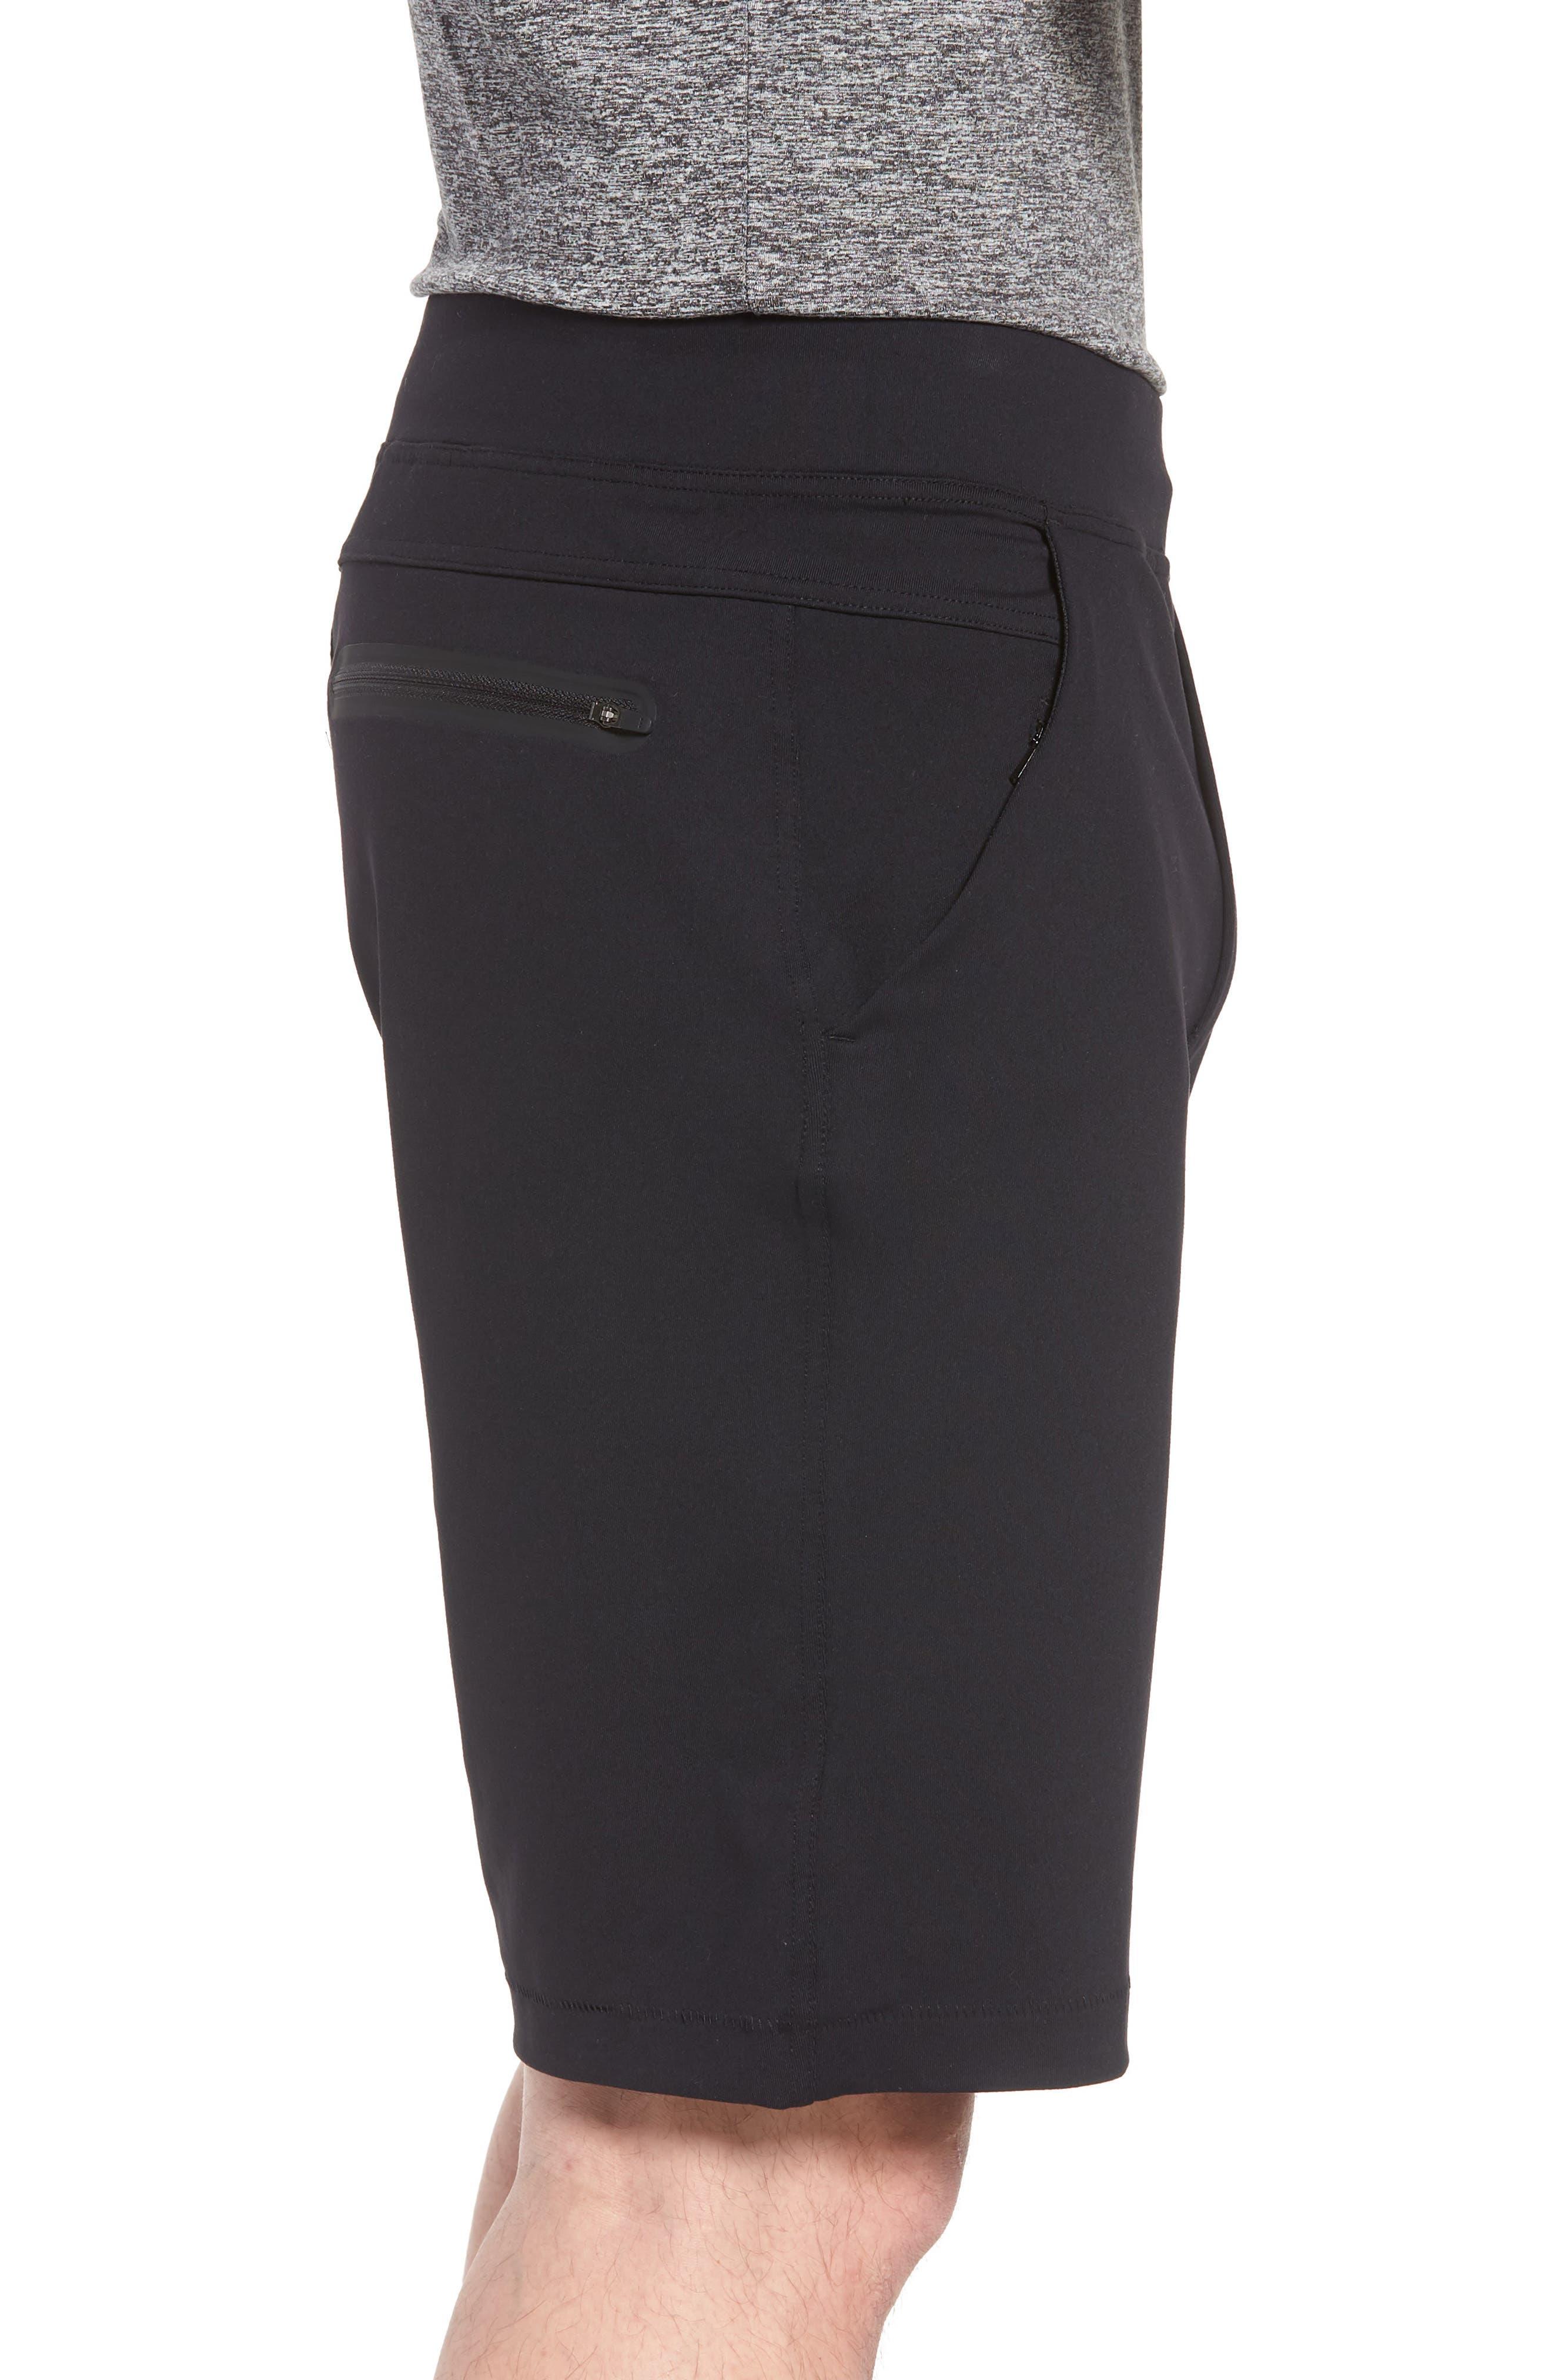 206 Shorts,                             Alternate thumbnail 3, color,                             BLACK